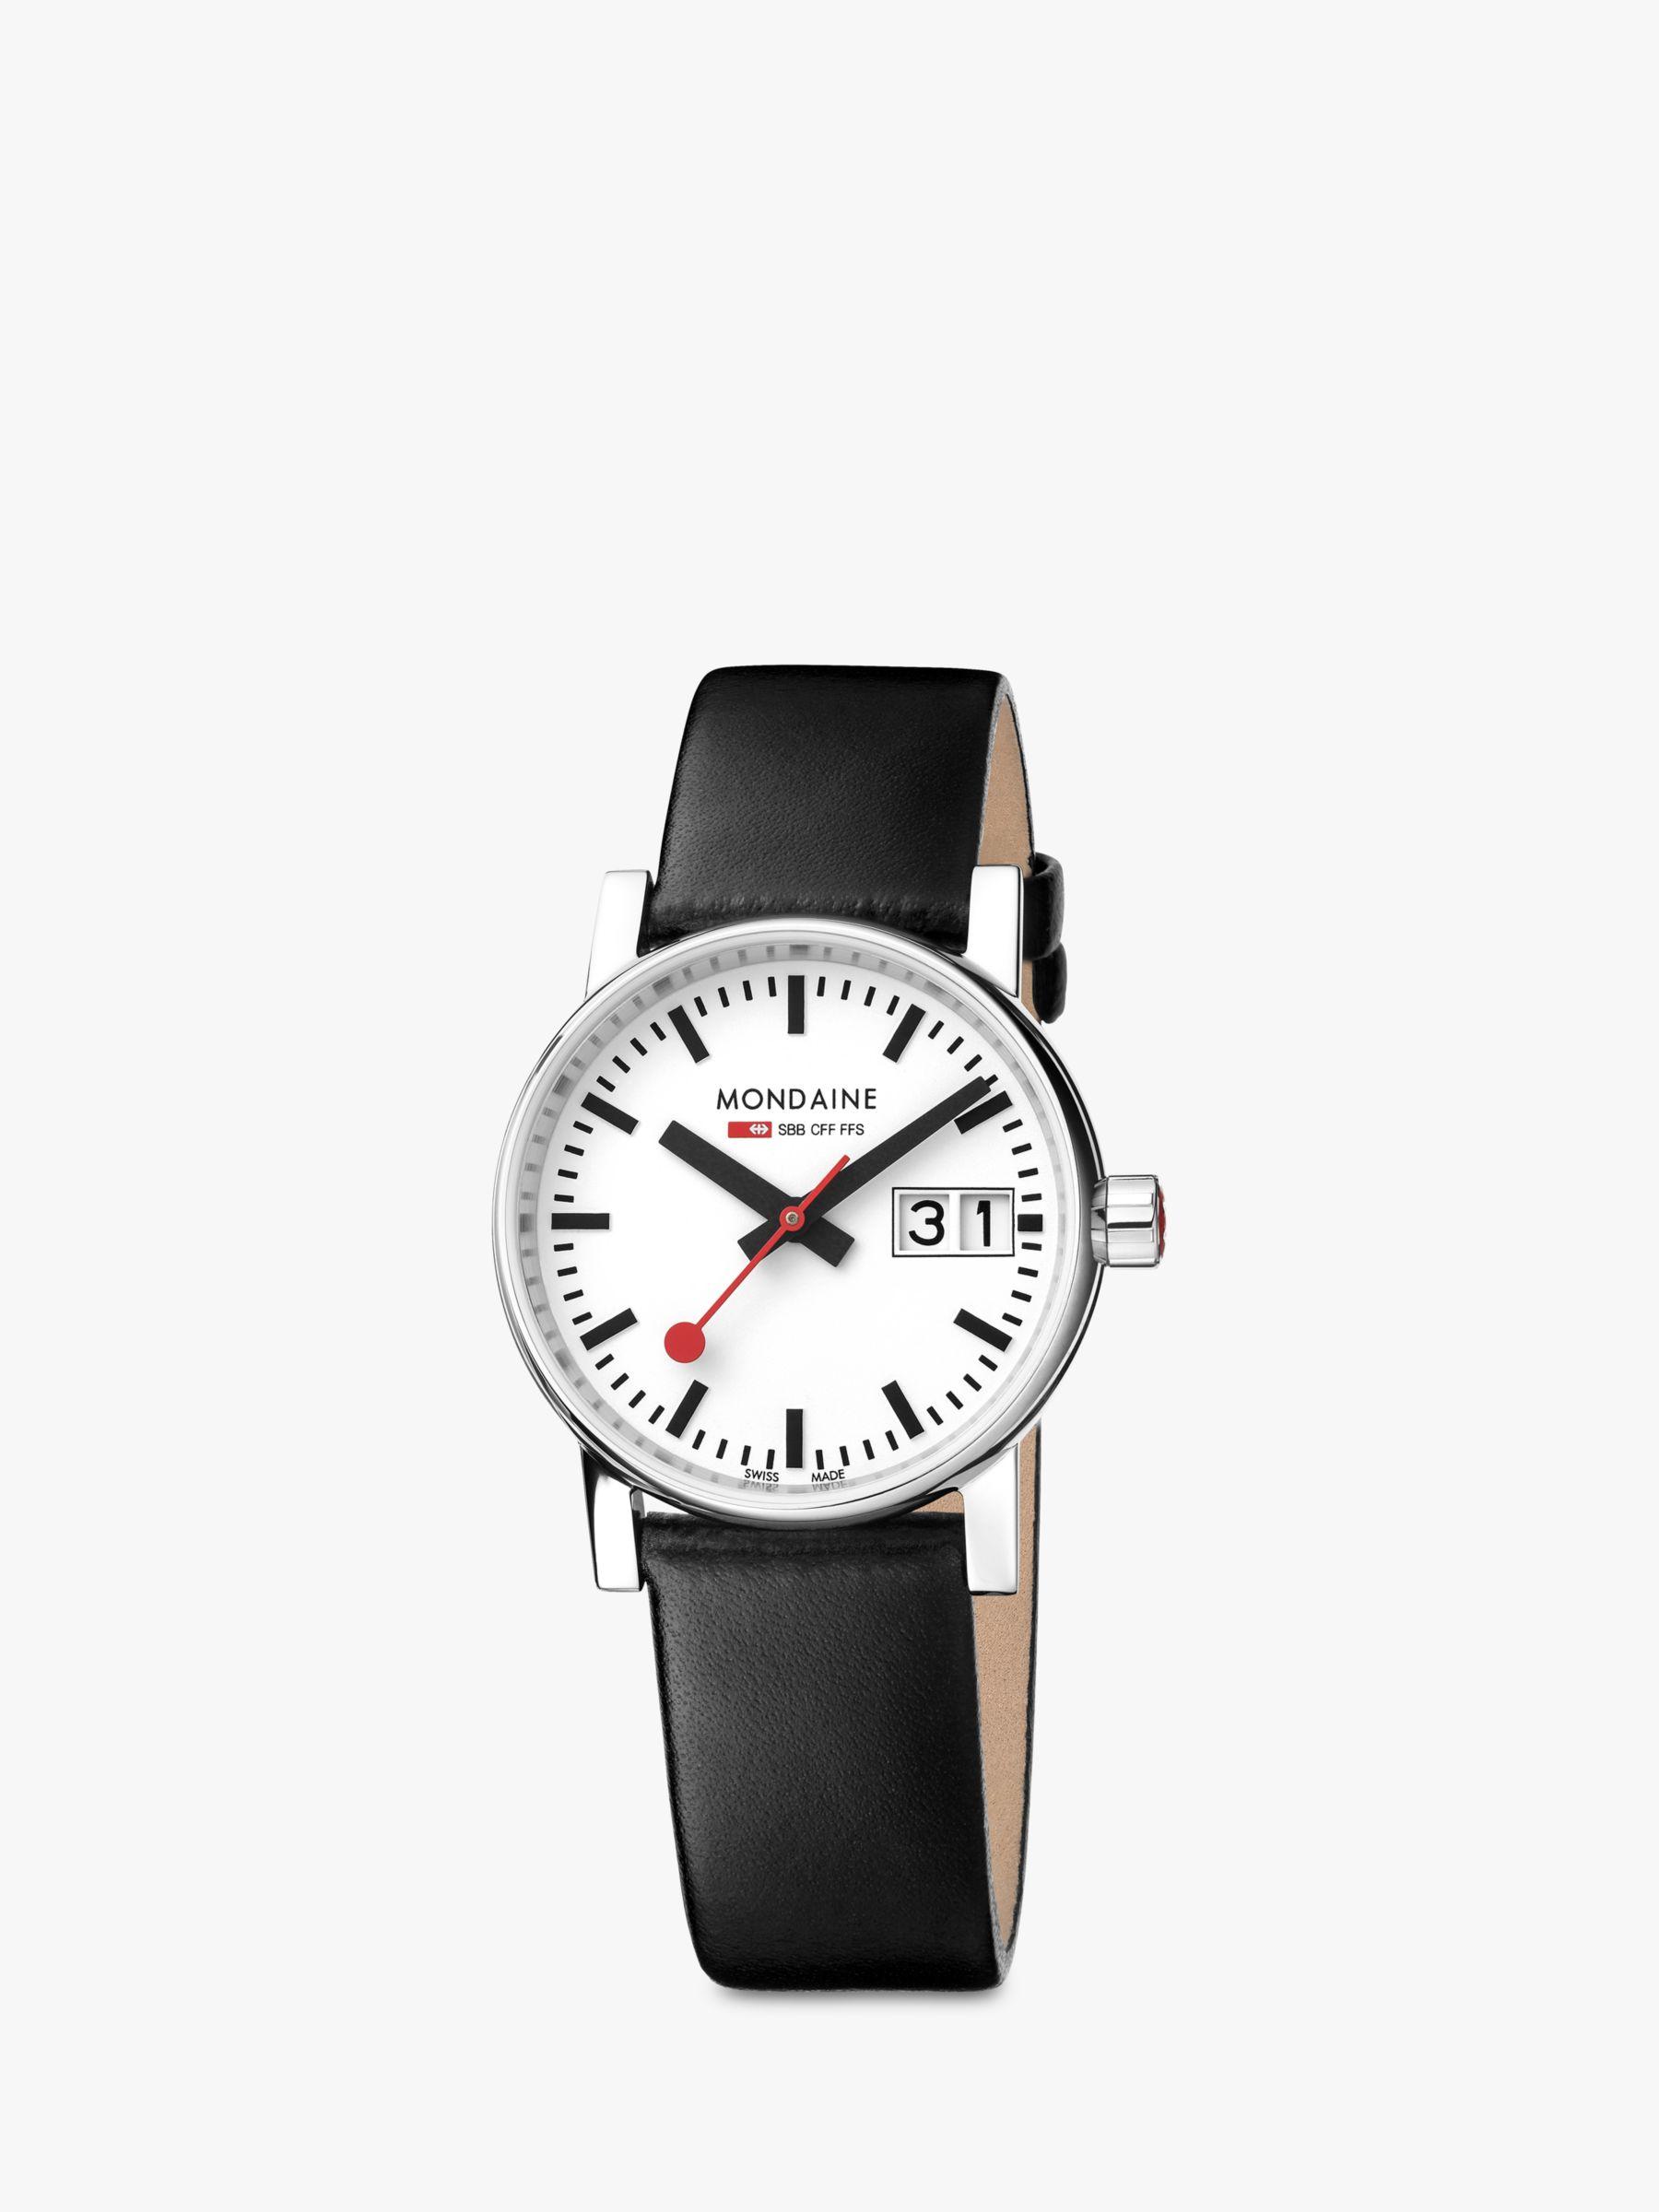 Mondaine Mondaine Unisex Evo 2 Date Leather Strap Watch